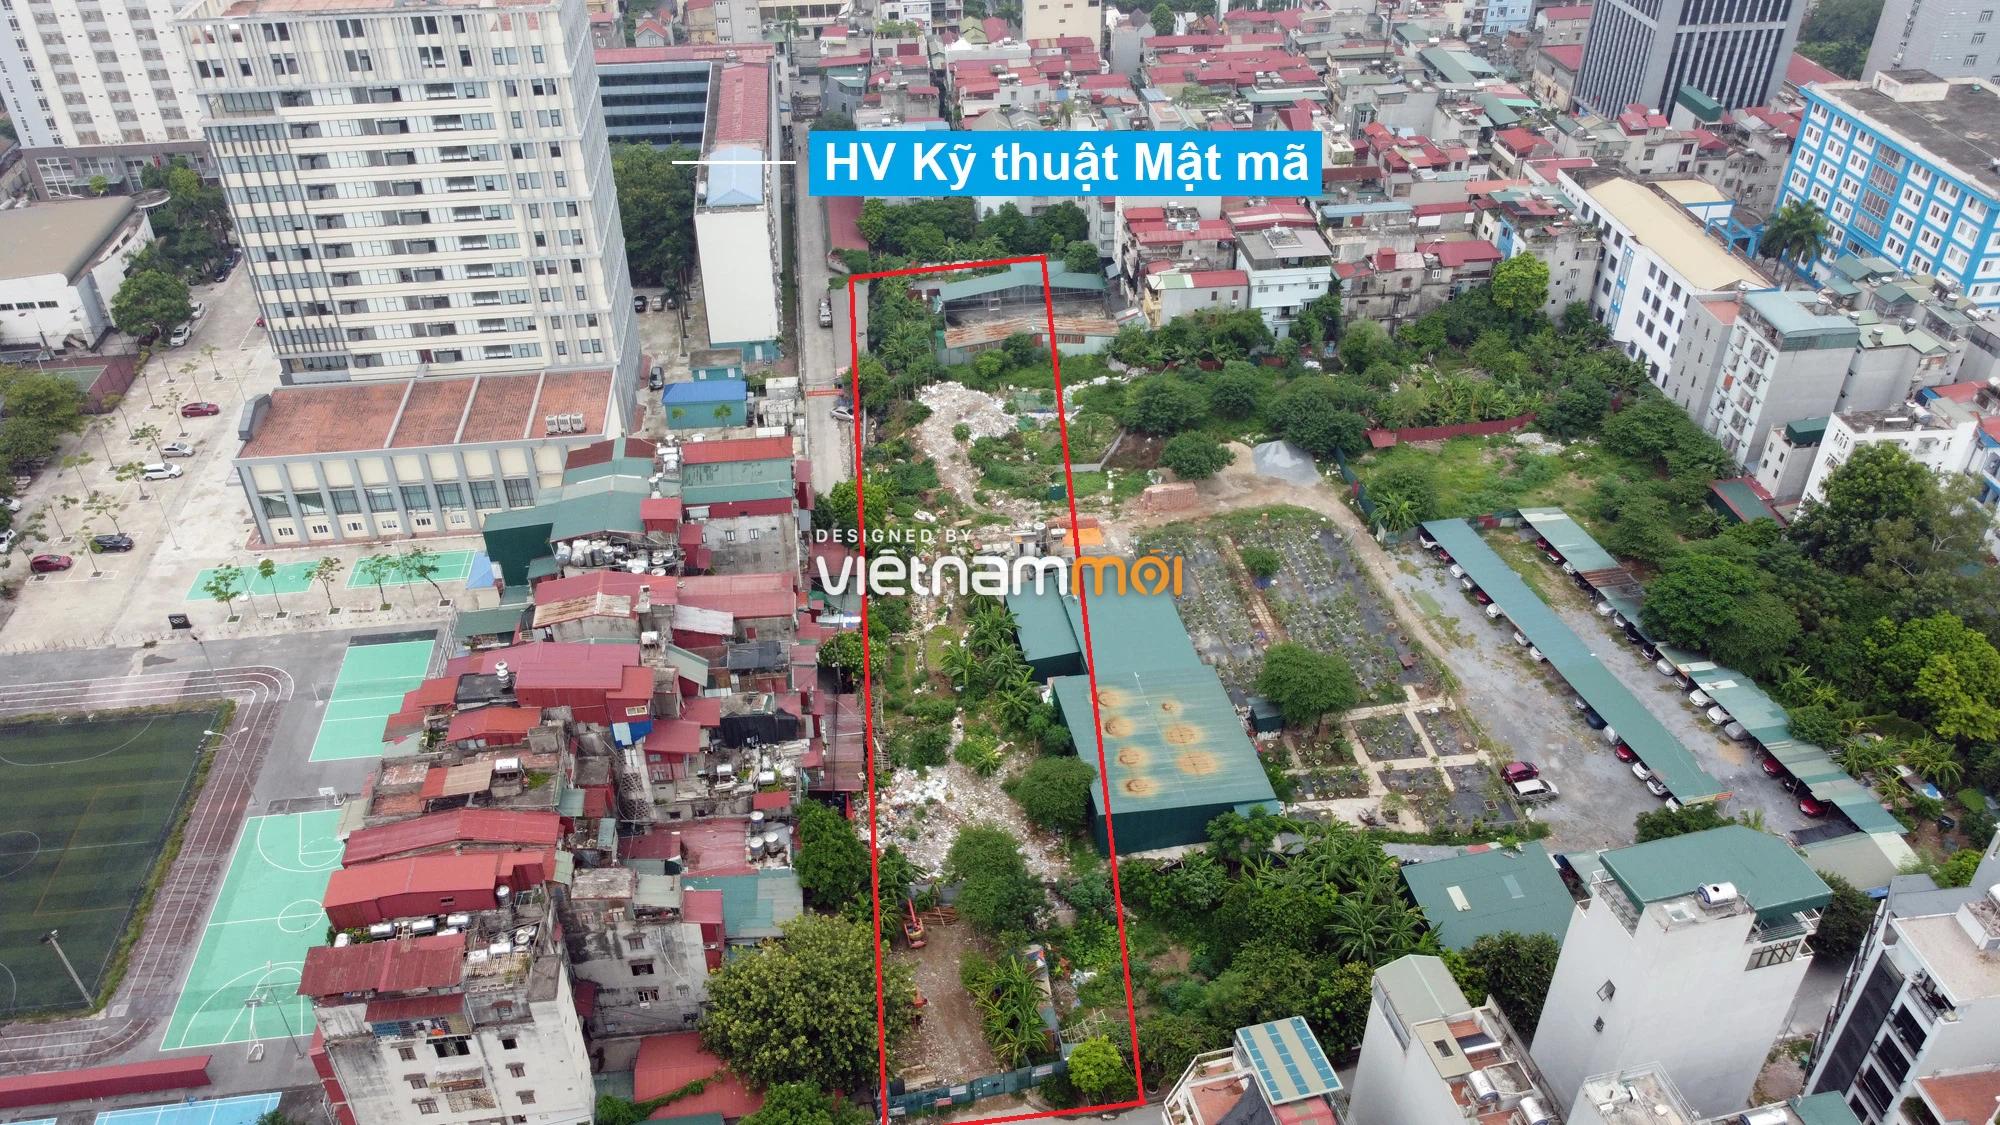 Những khu đất sắp thu hồi để mở đường ở xã Tân Triều, Thanh Trì, Hà Nội (phần 3) - Ảnh 13.